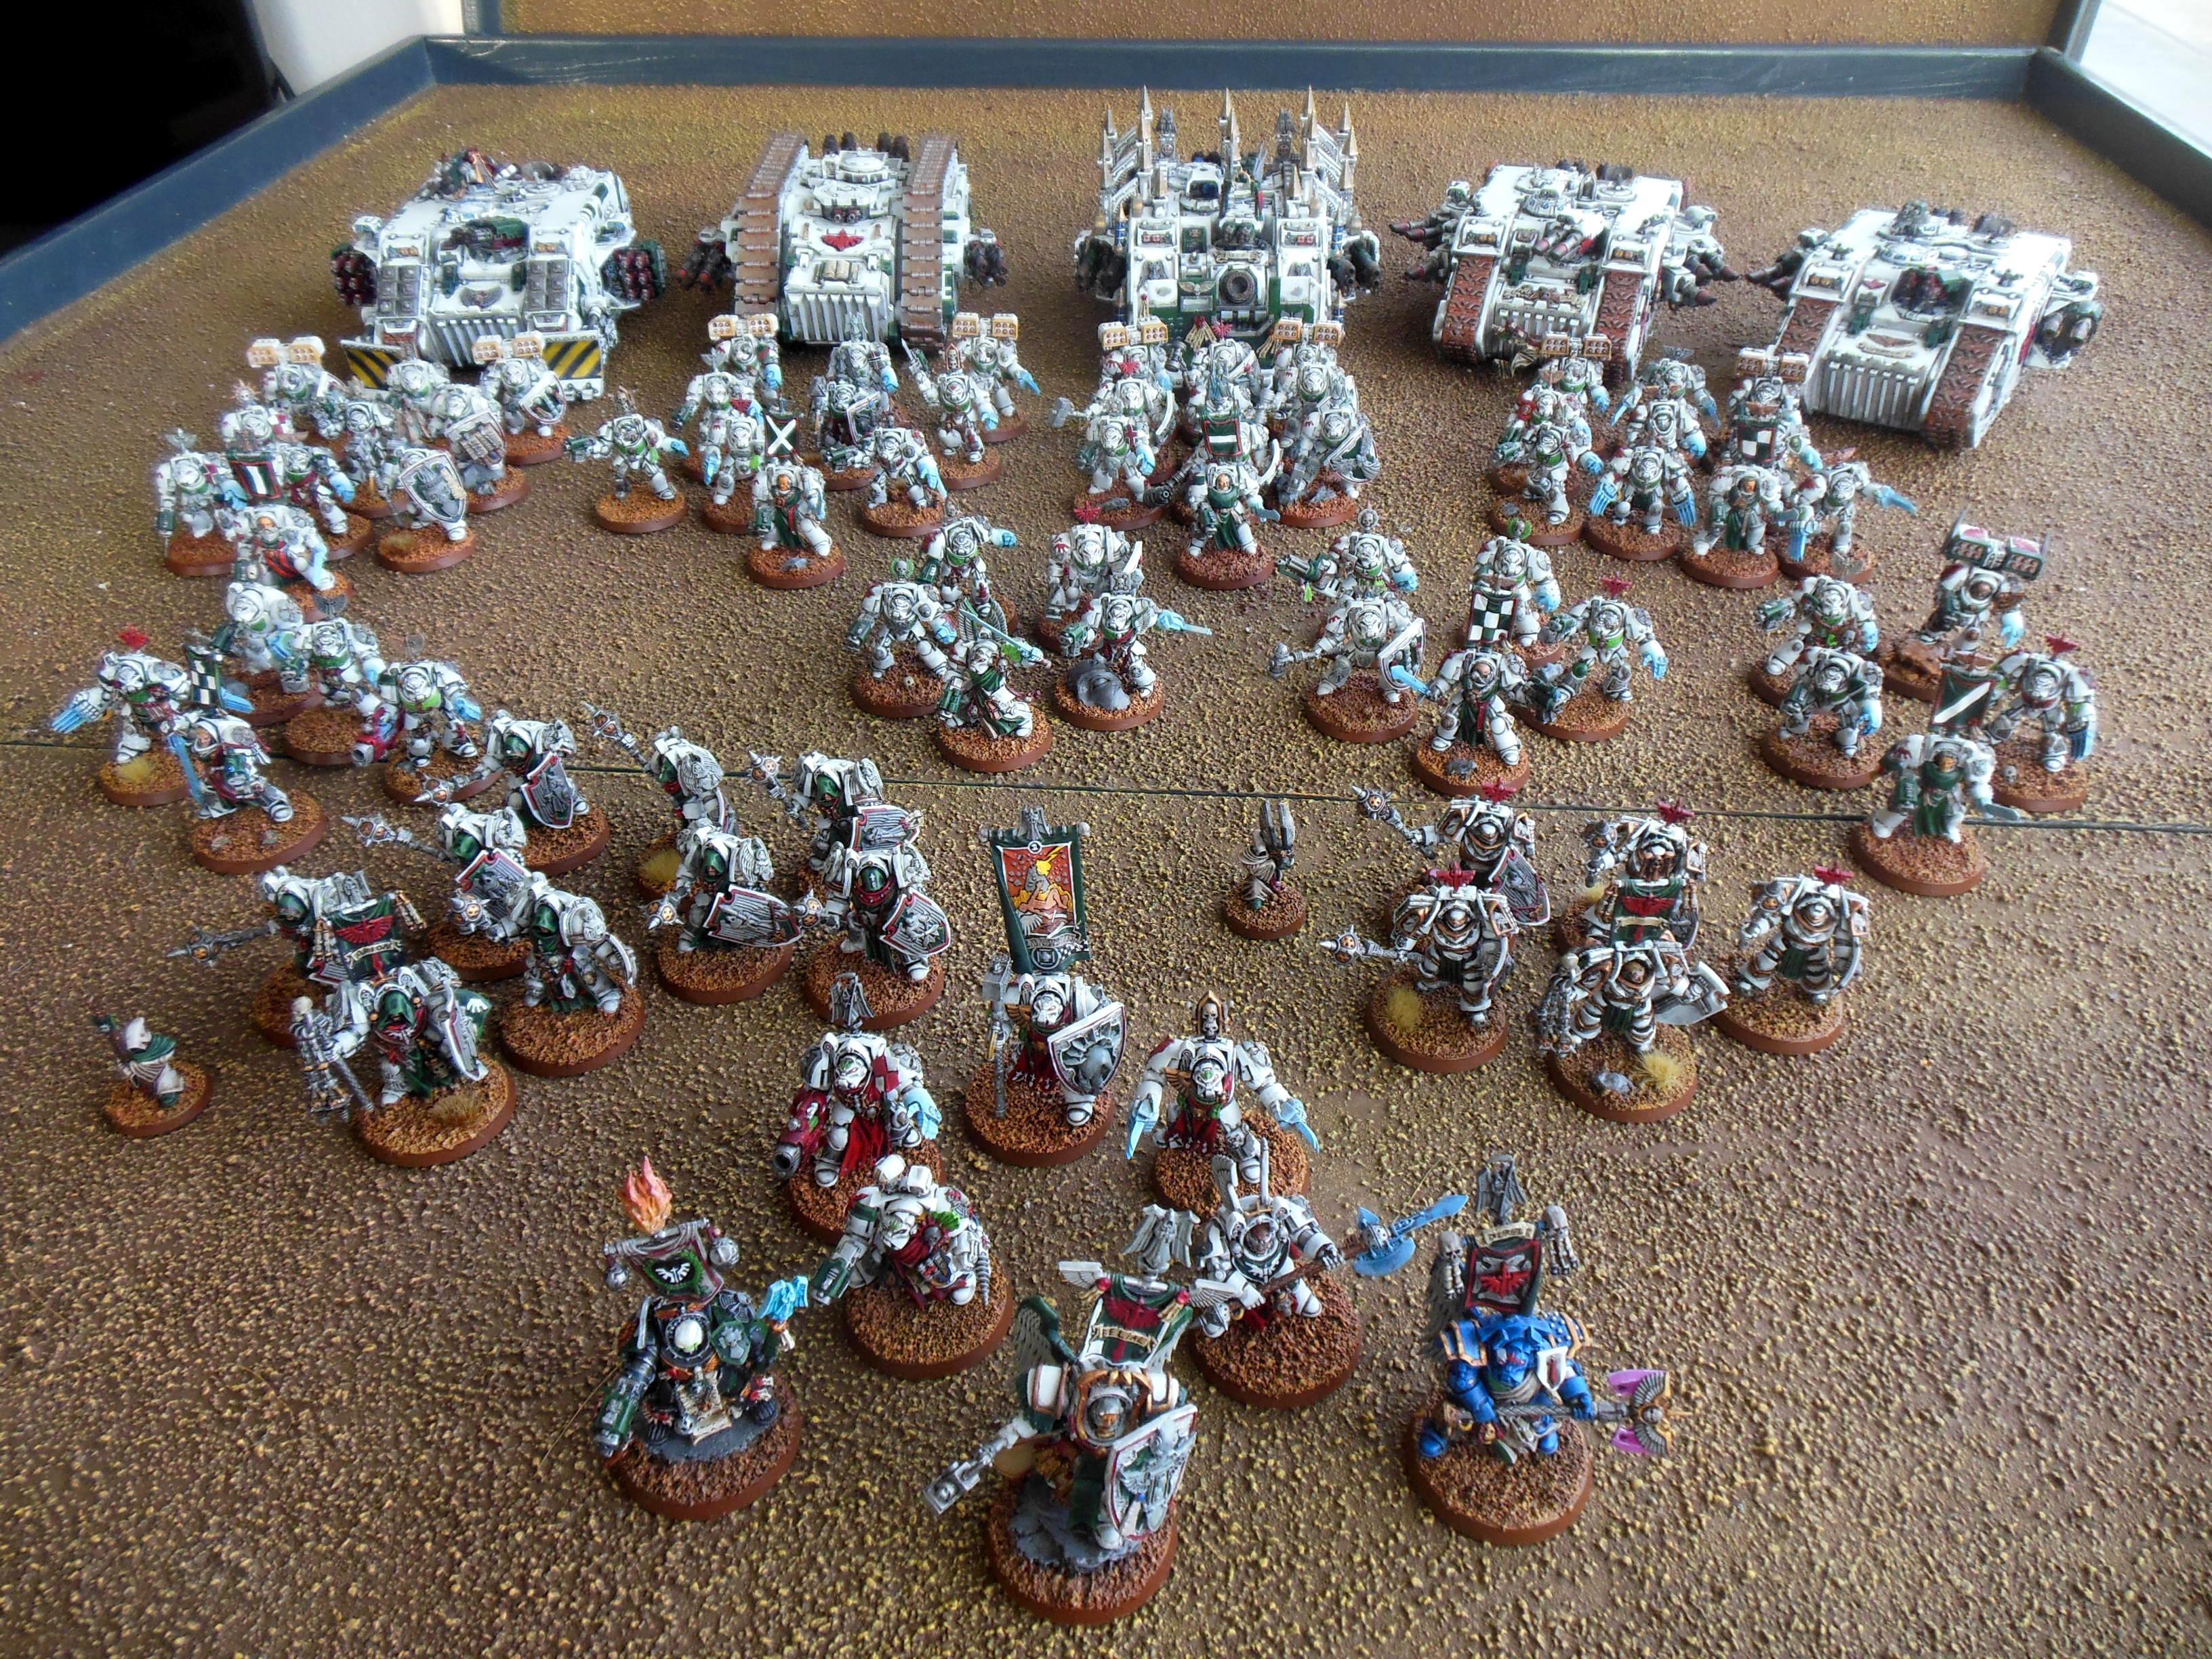 Belial, Dark Angels, Deathwing, Land Raider, Land Raider Ares, Space Marines, Terminator Armor